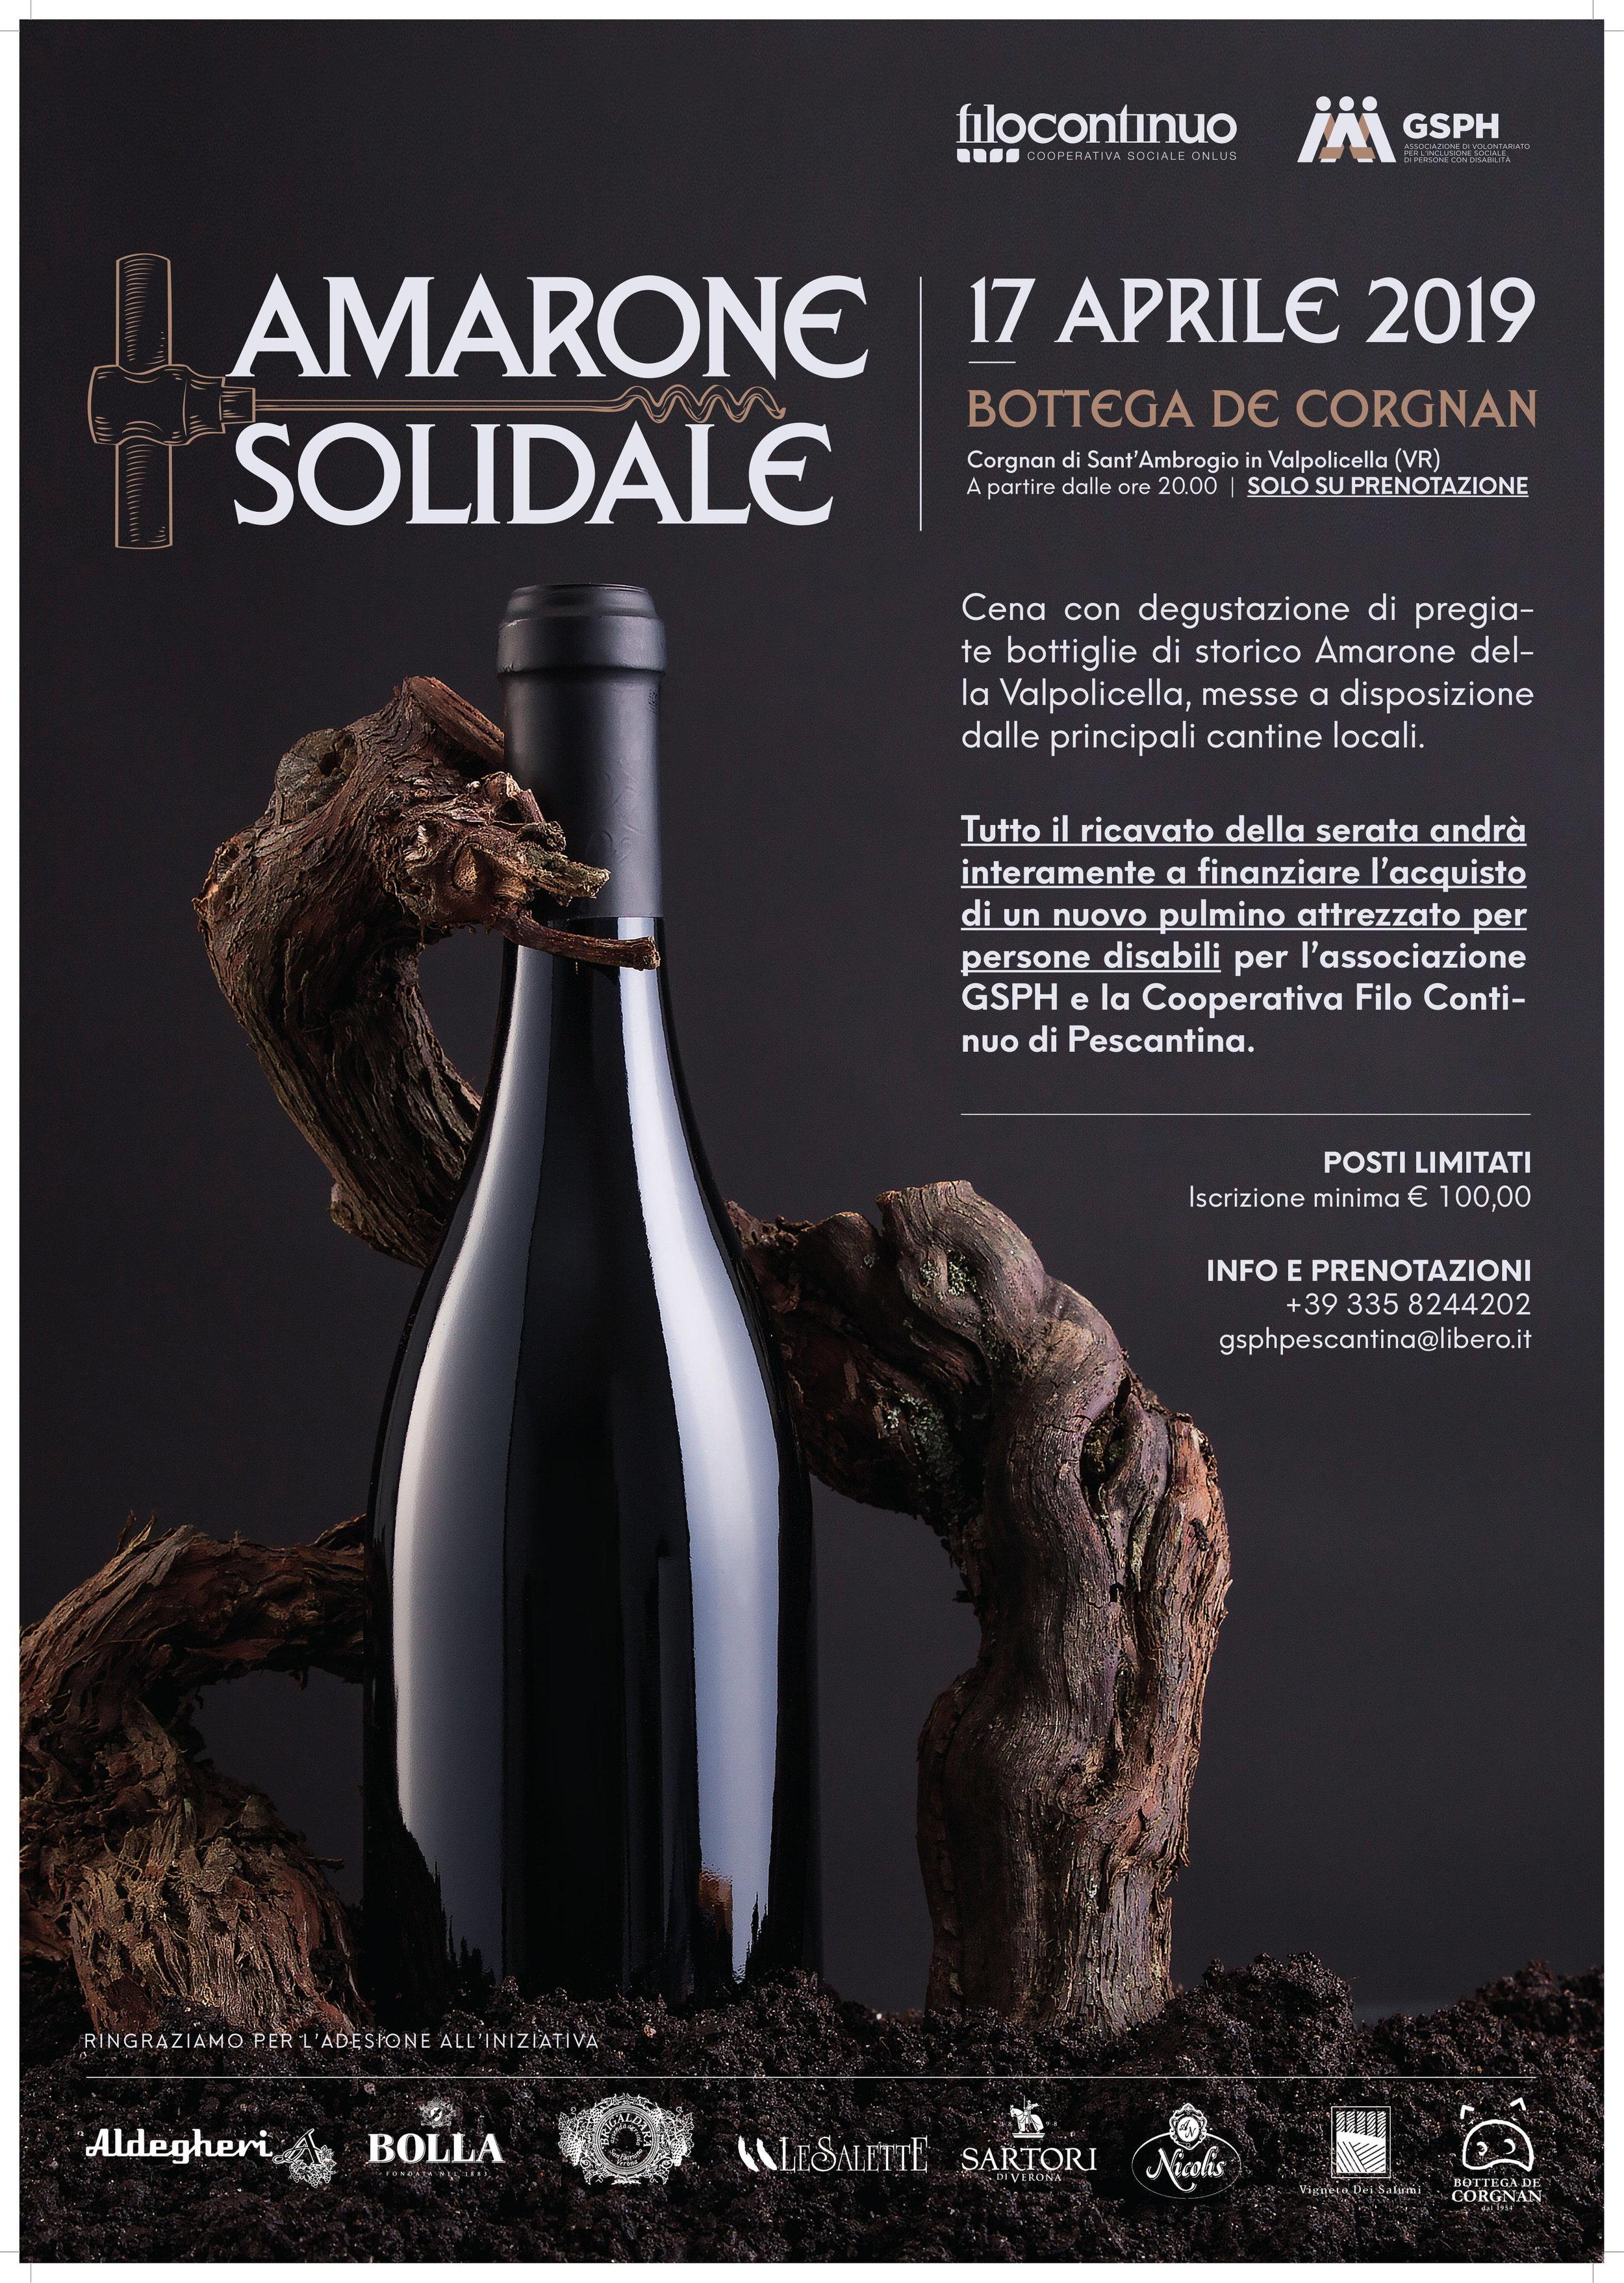 Amarone Solidale a Bottega de Corgnan - 2019.jpg